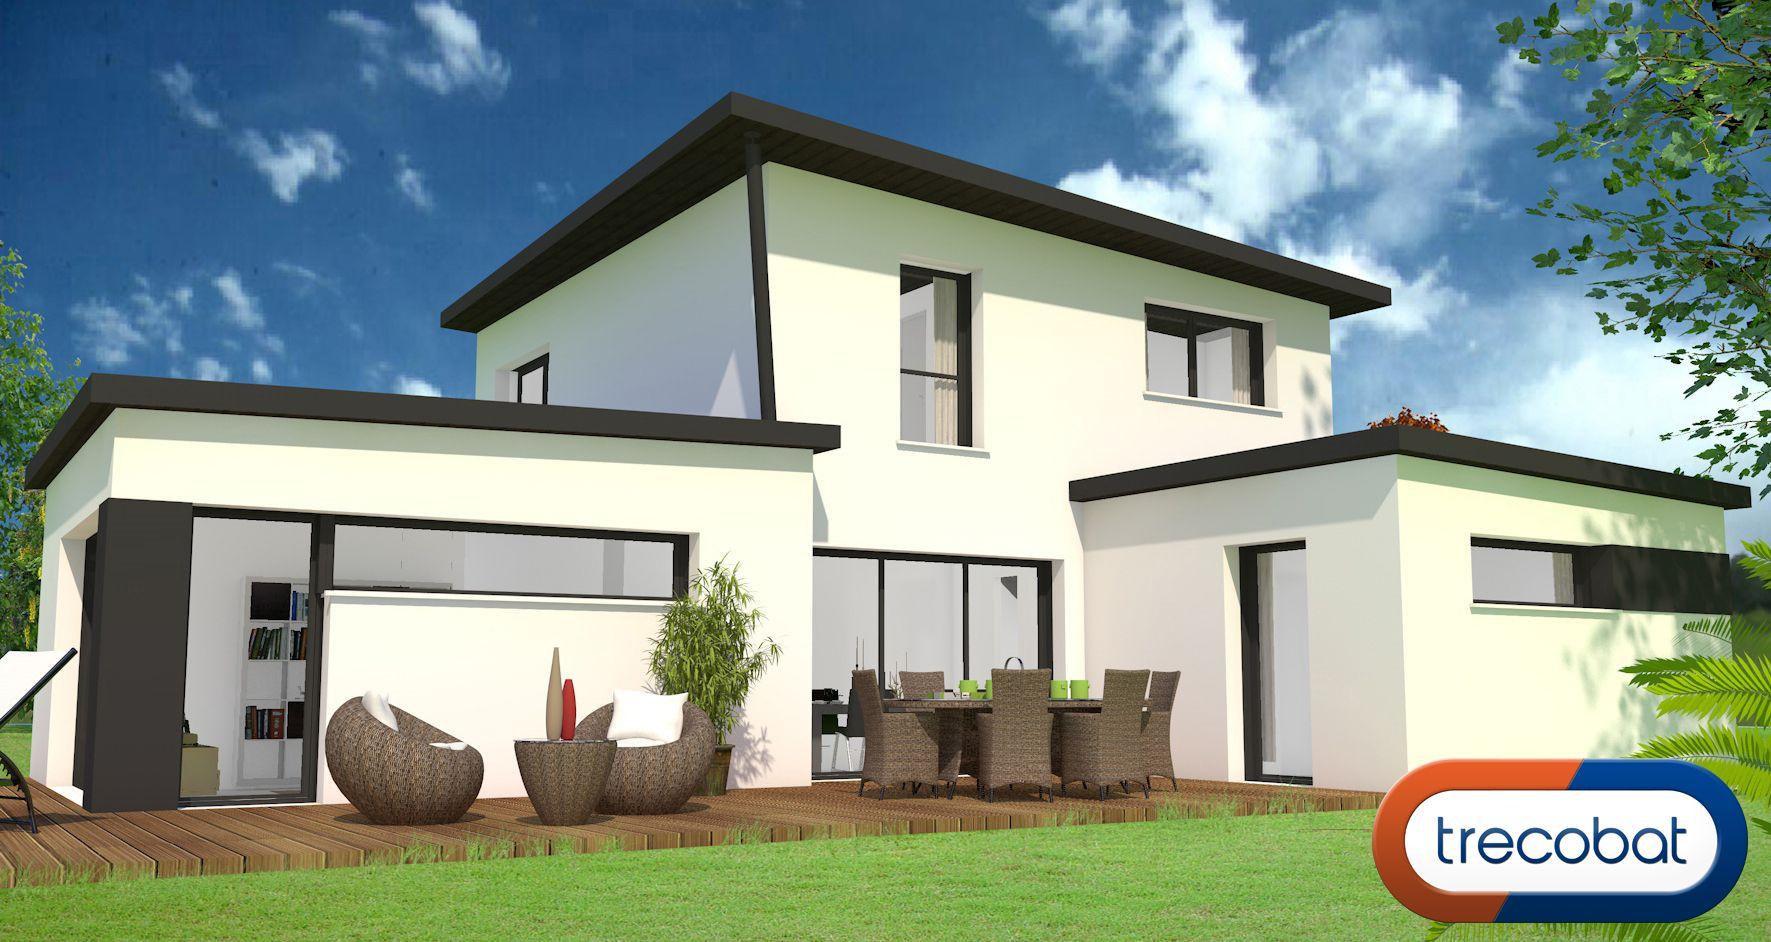 Cet avant projet de notre dessinateur cyril vous propose une maison trecobat toute en ouvertures